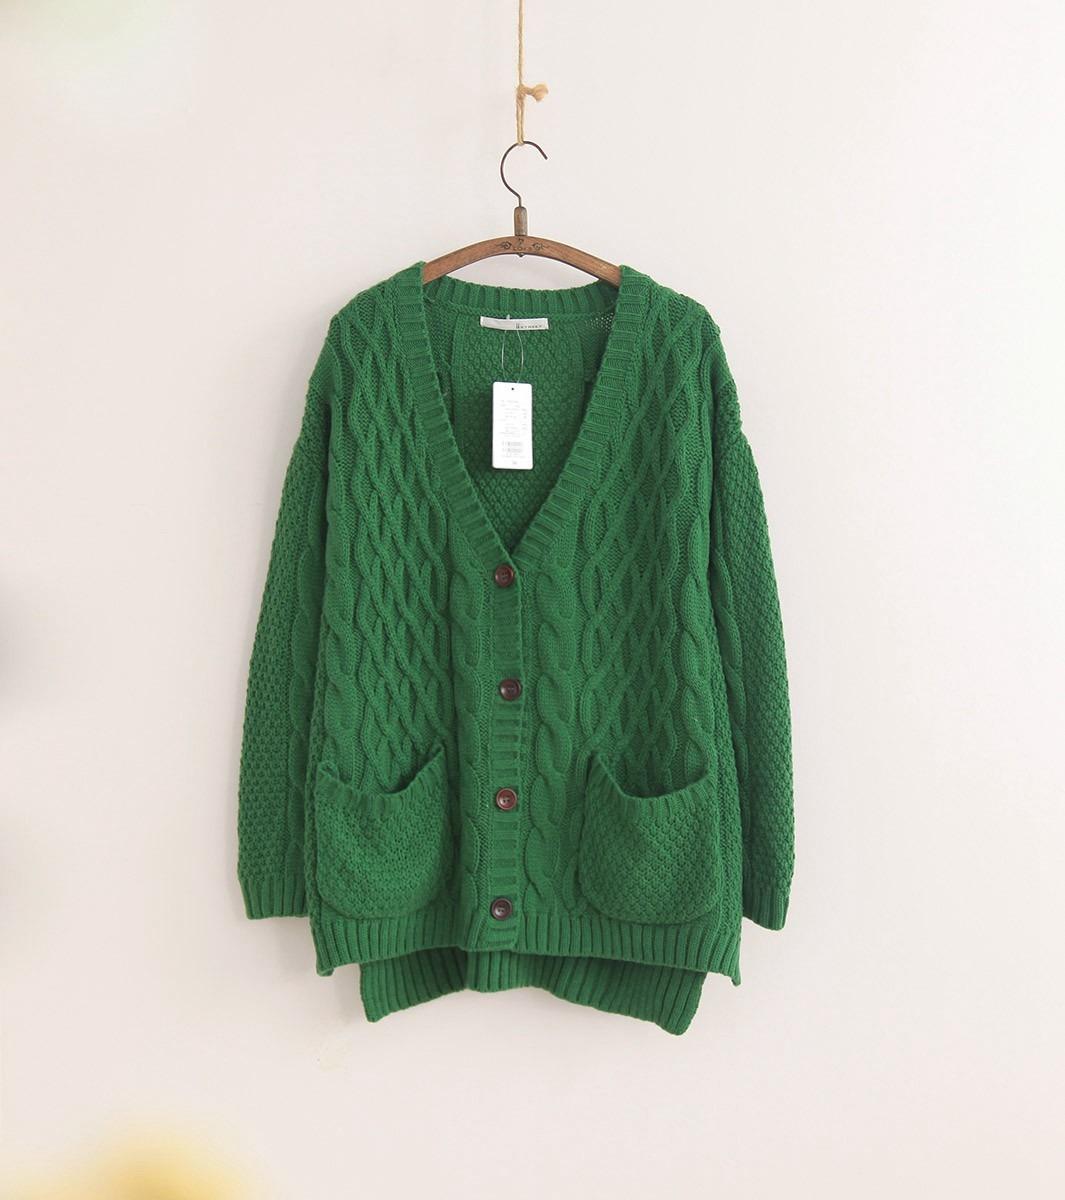 墨绿色开身毛衣-来自蘑菇街优店